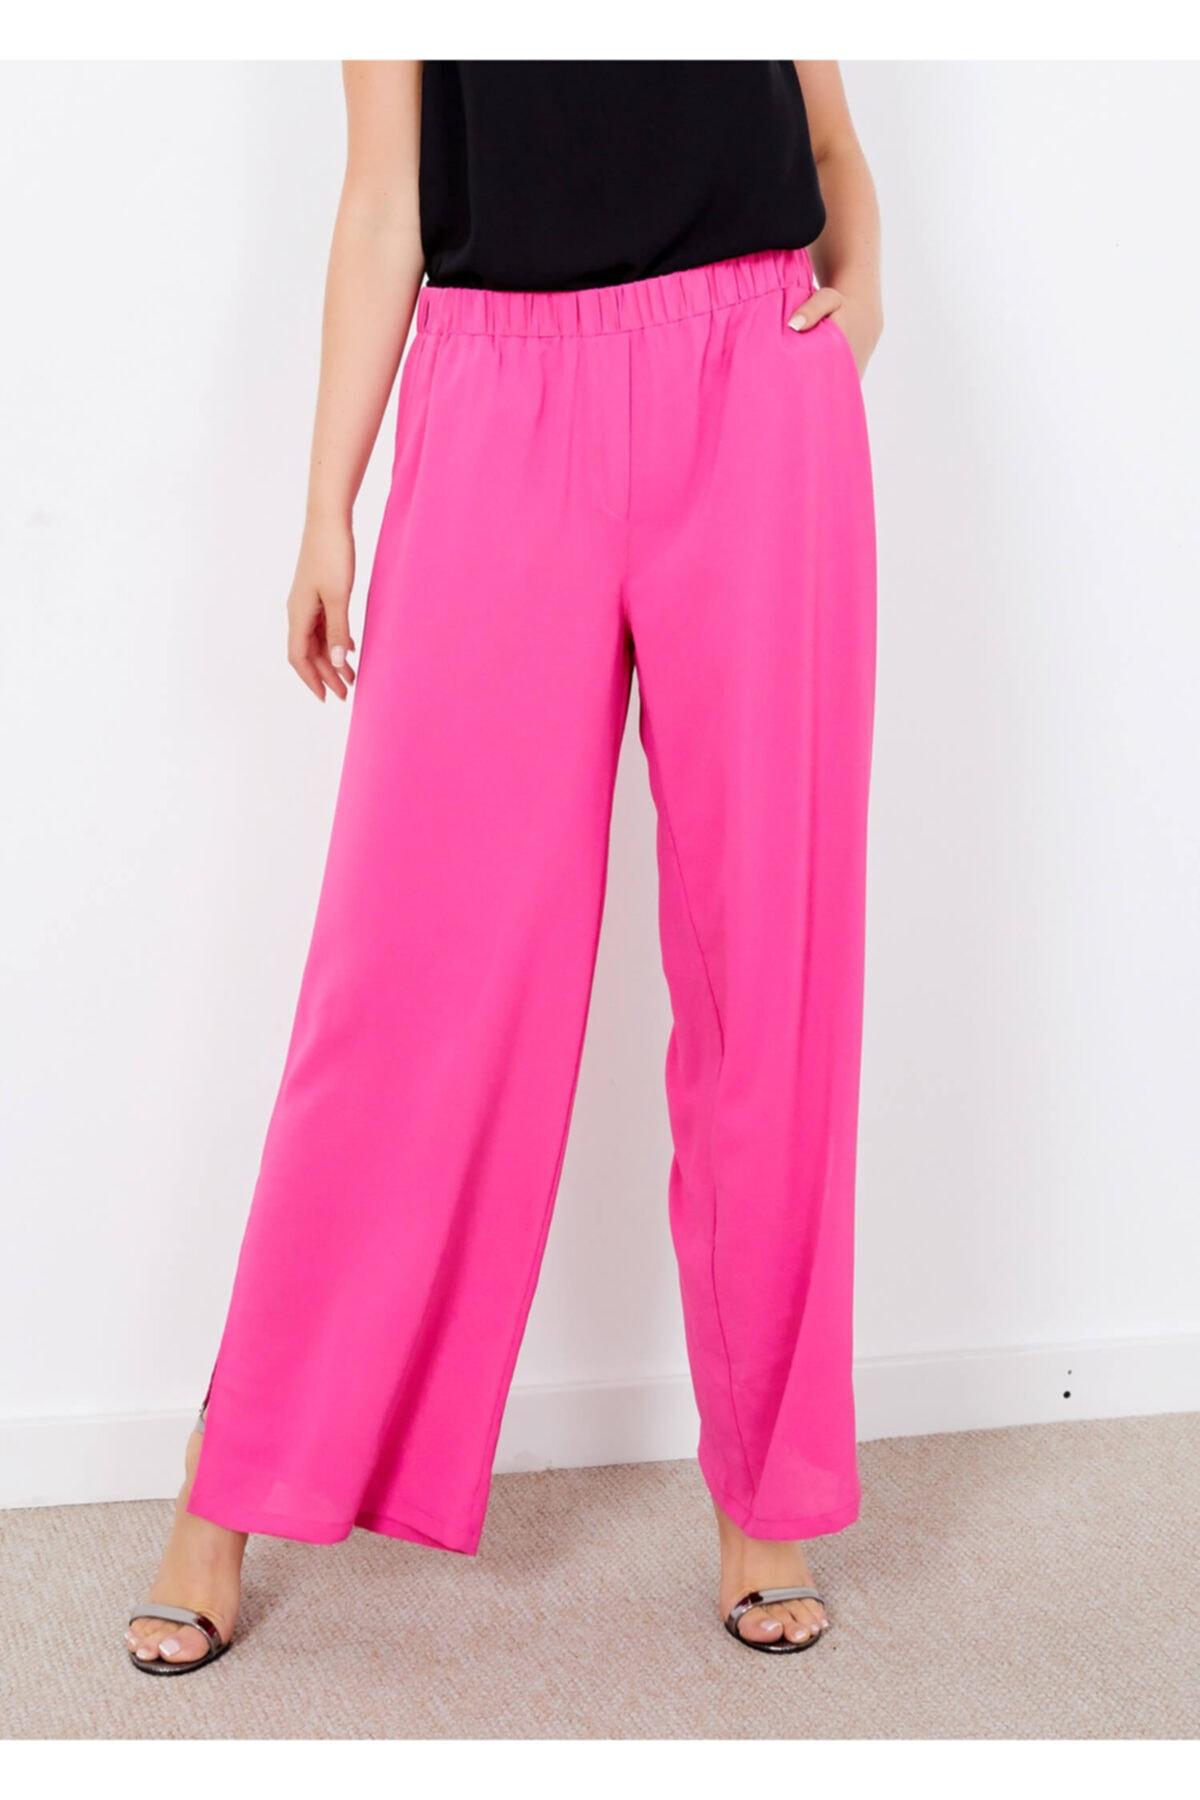 Adze Kadın Pembe Yırtmaçlı Cepli Pantolon 1